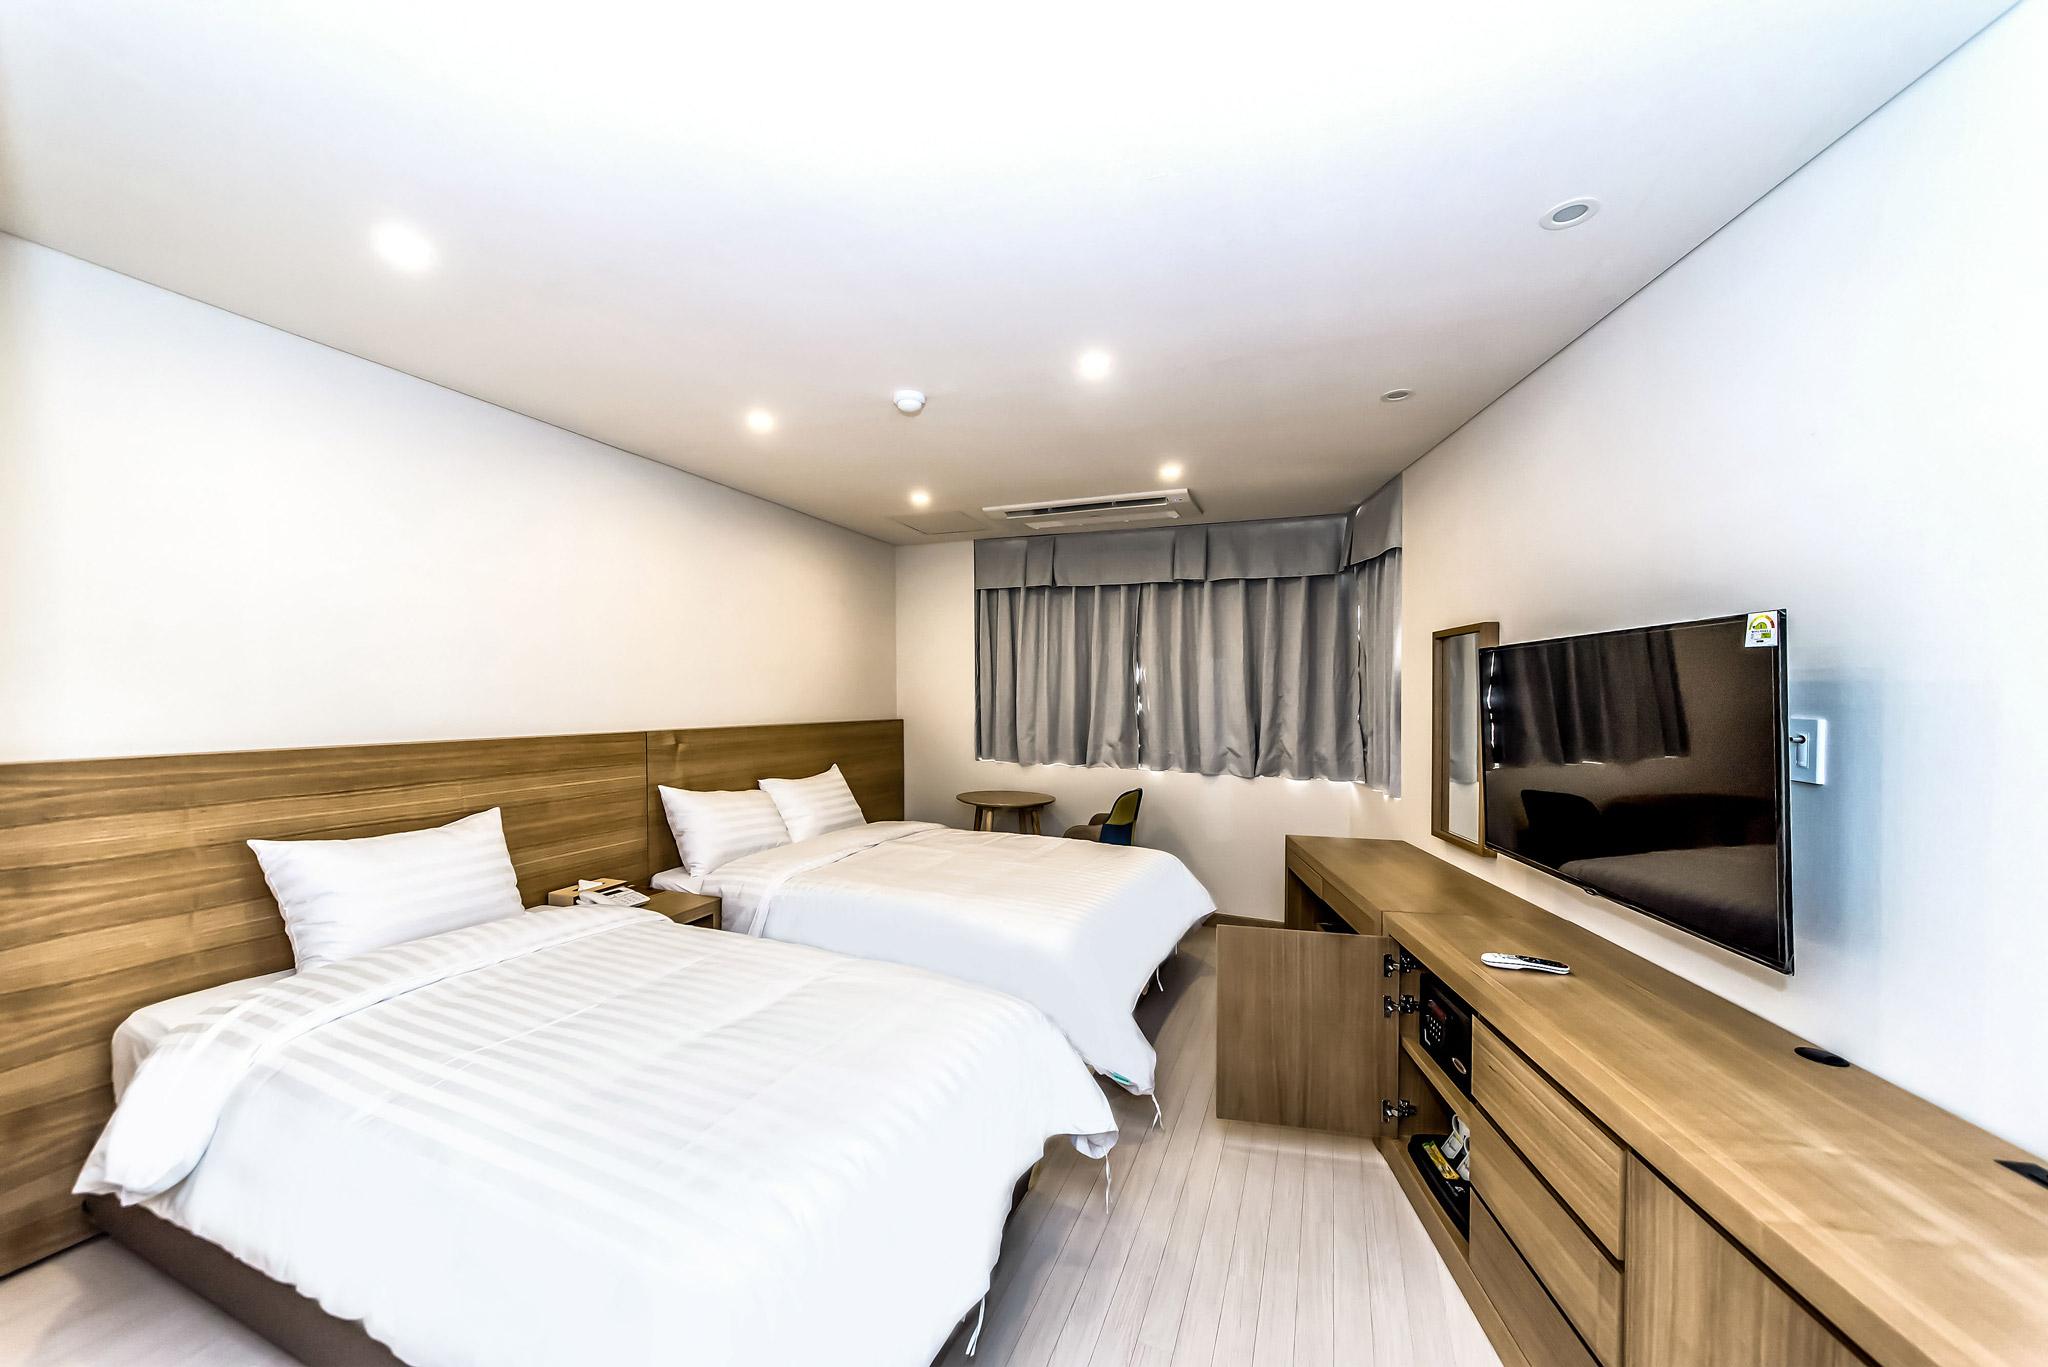 서귀포 BK 호텔 썸네일5